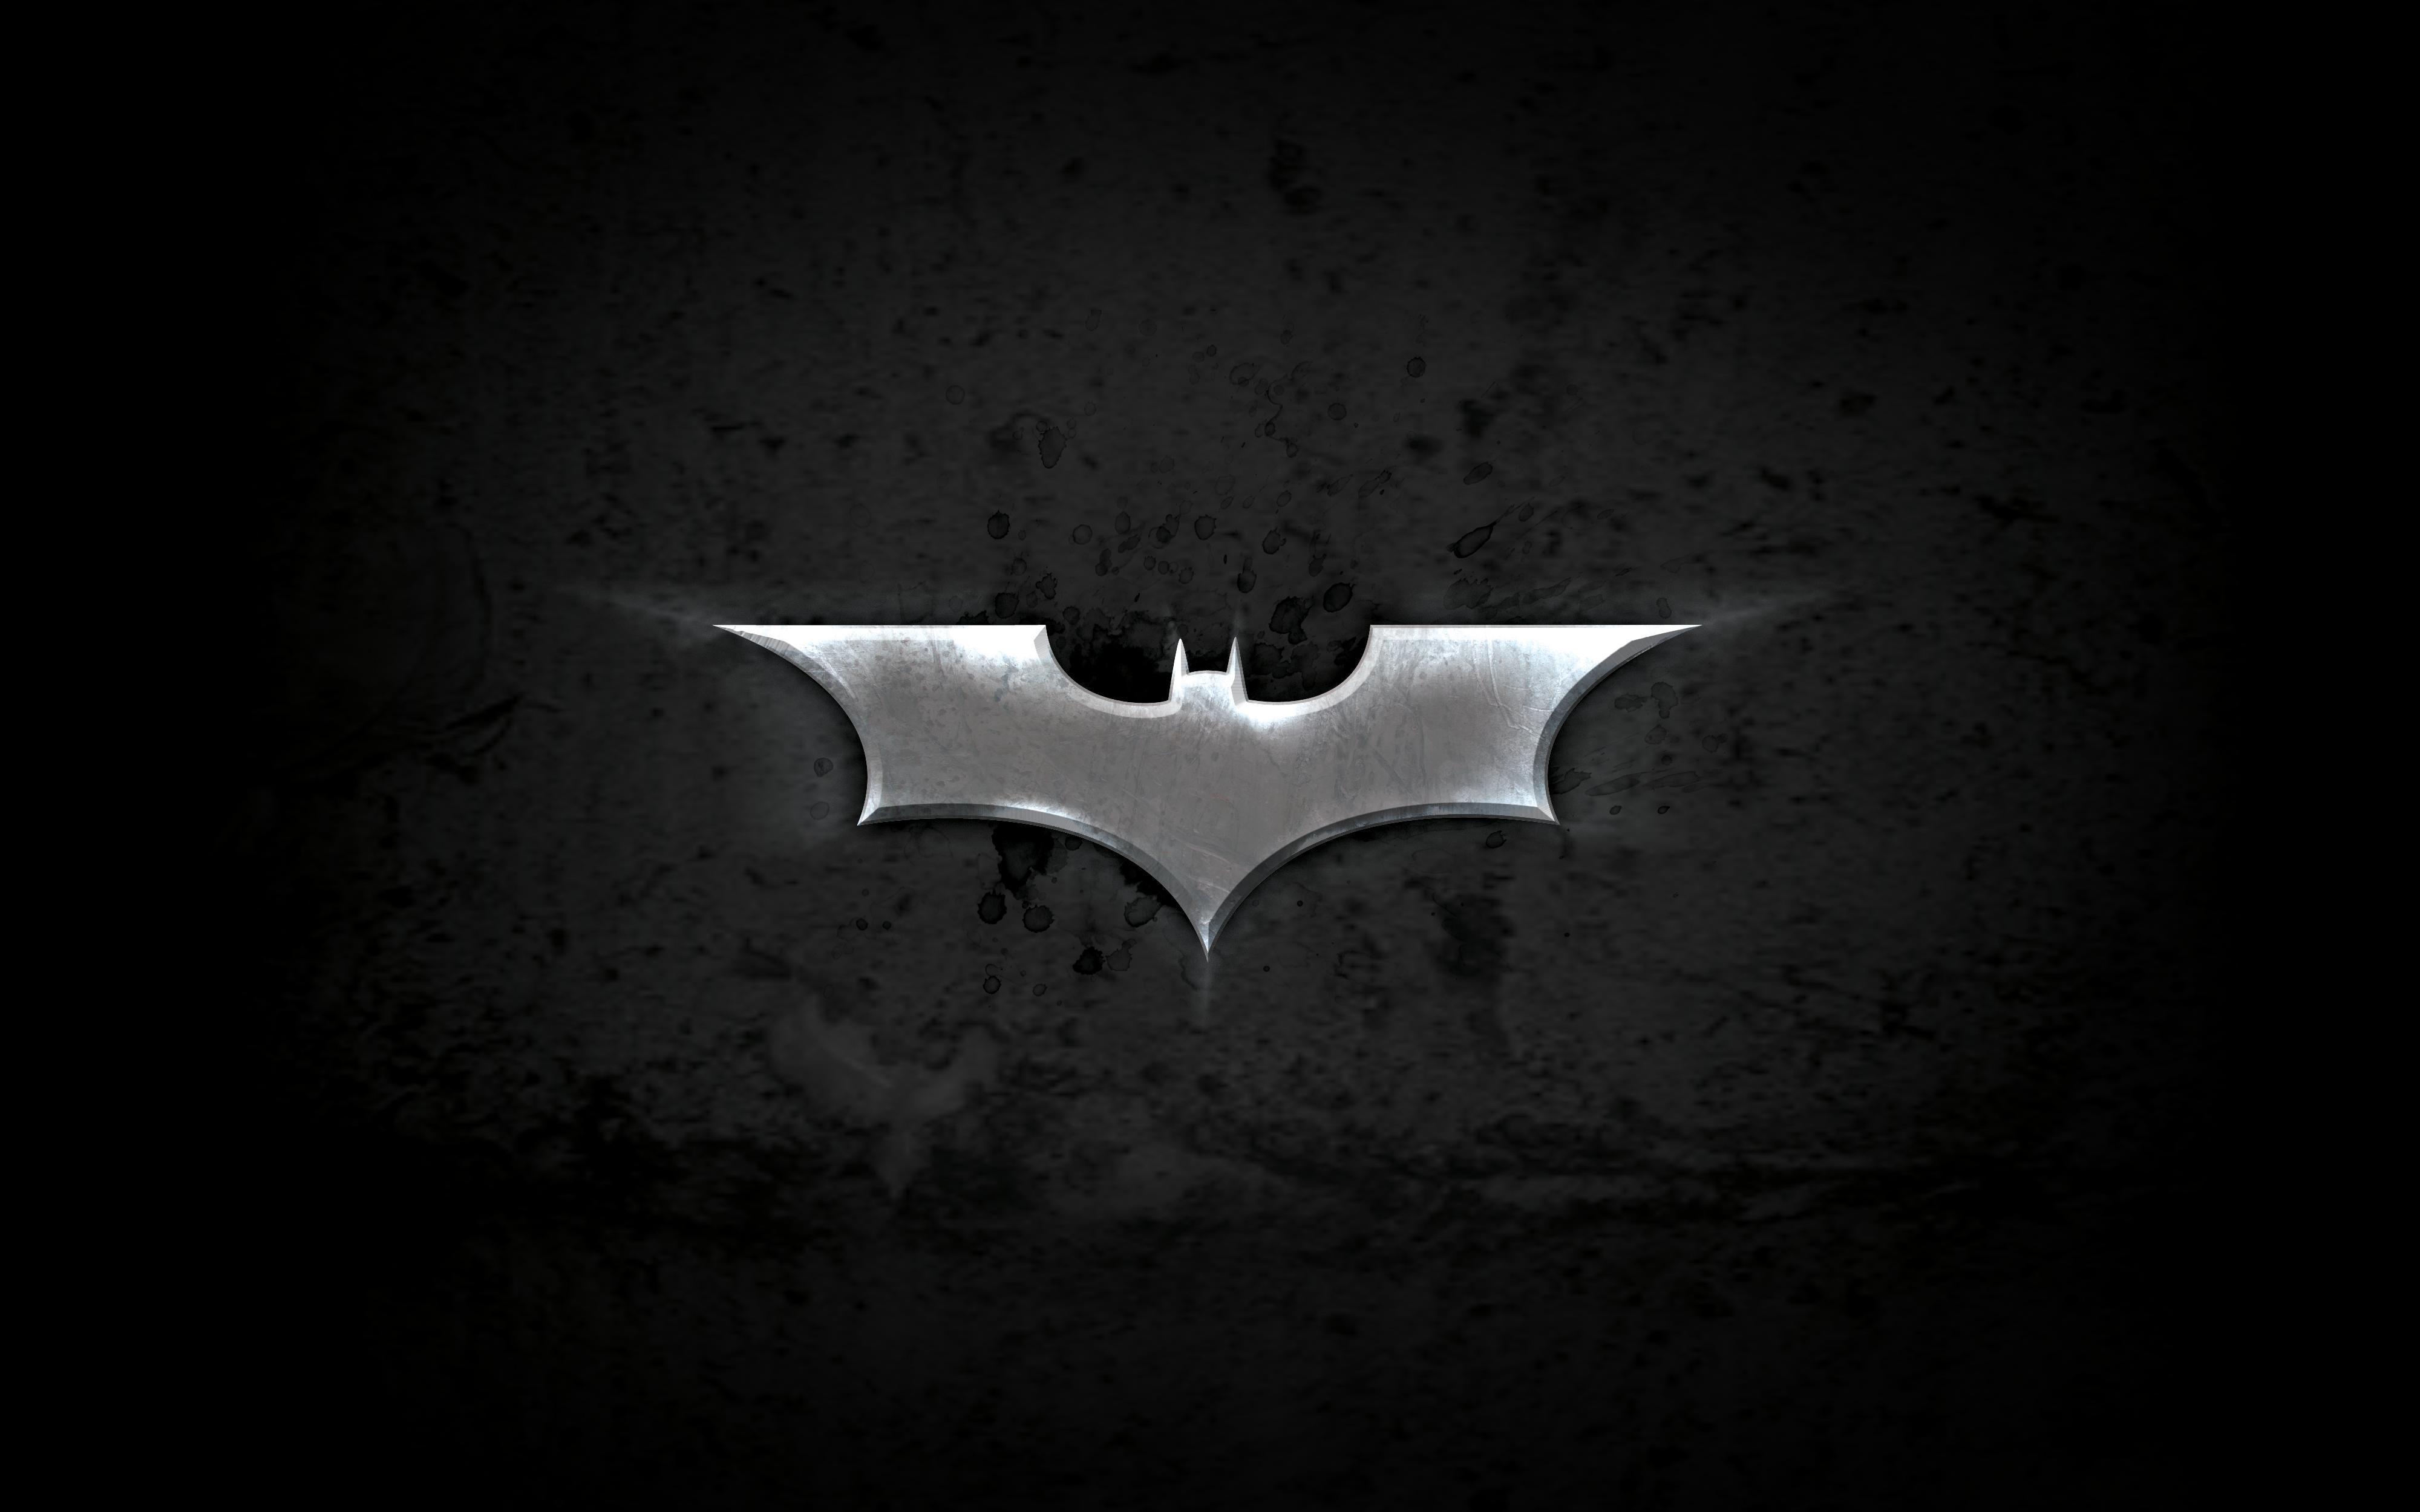 bat cave decal wallpaper - photo #47